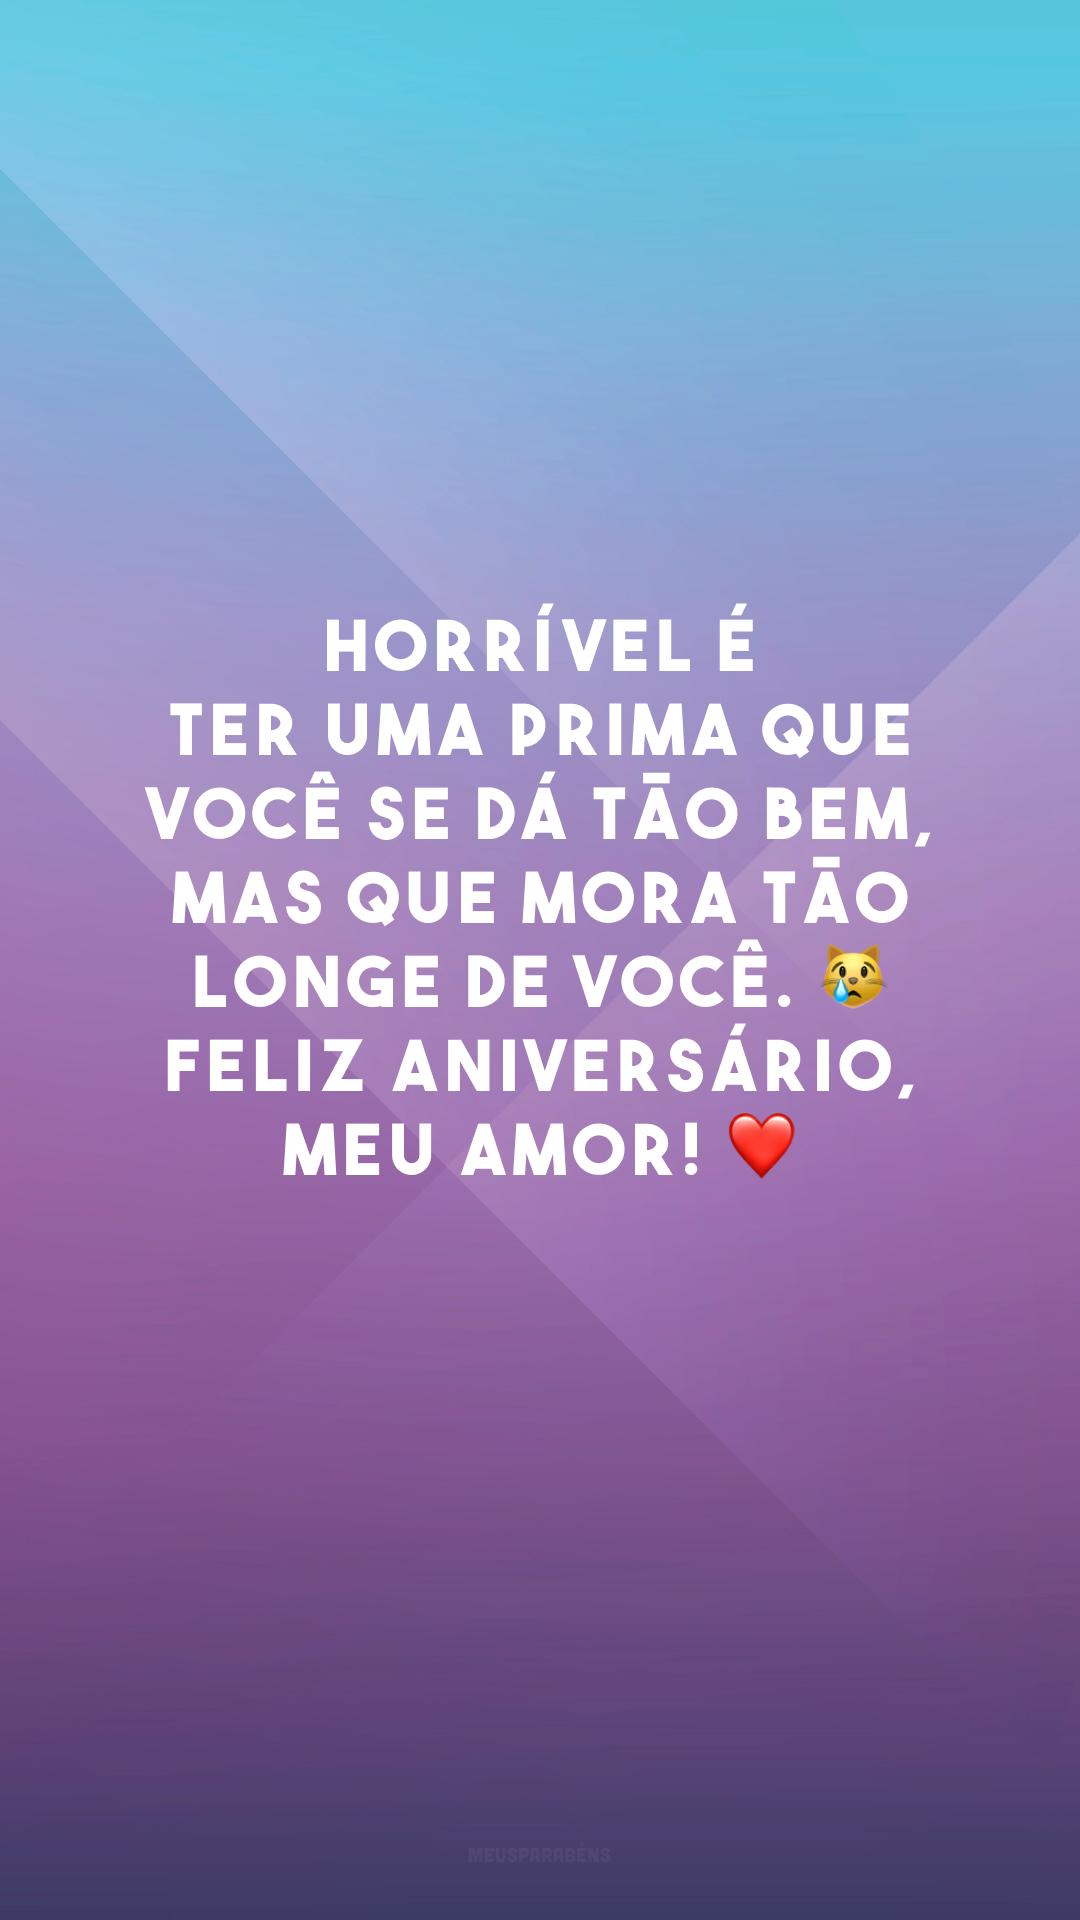 Horrível é ter uma prima que você se dá tão bem, mas que mora tão longe de você. ? Feliz aniversário, meu amor! ❤